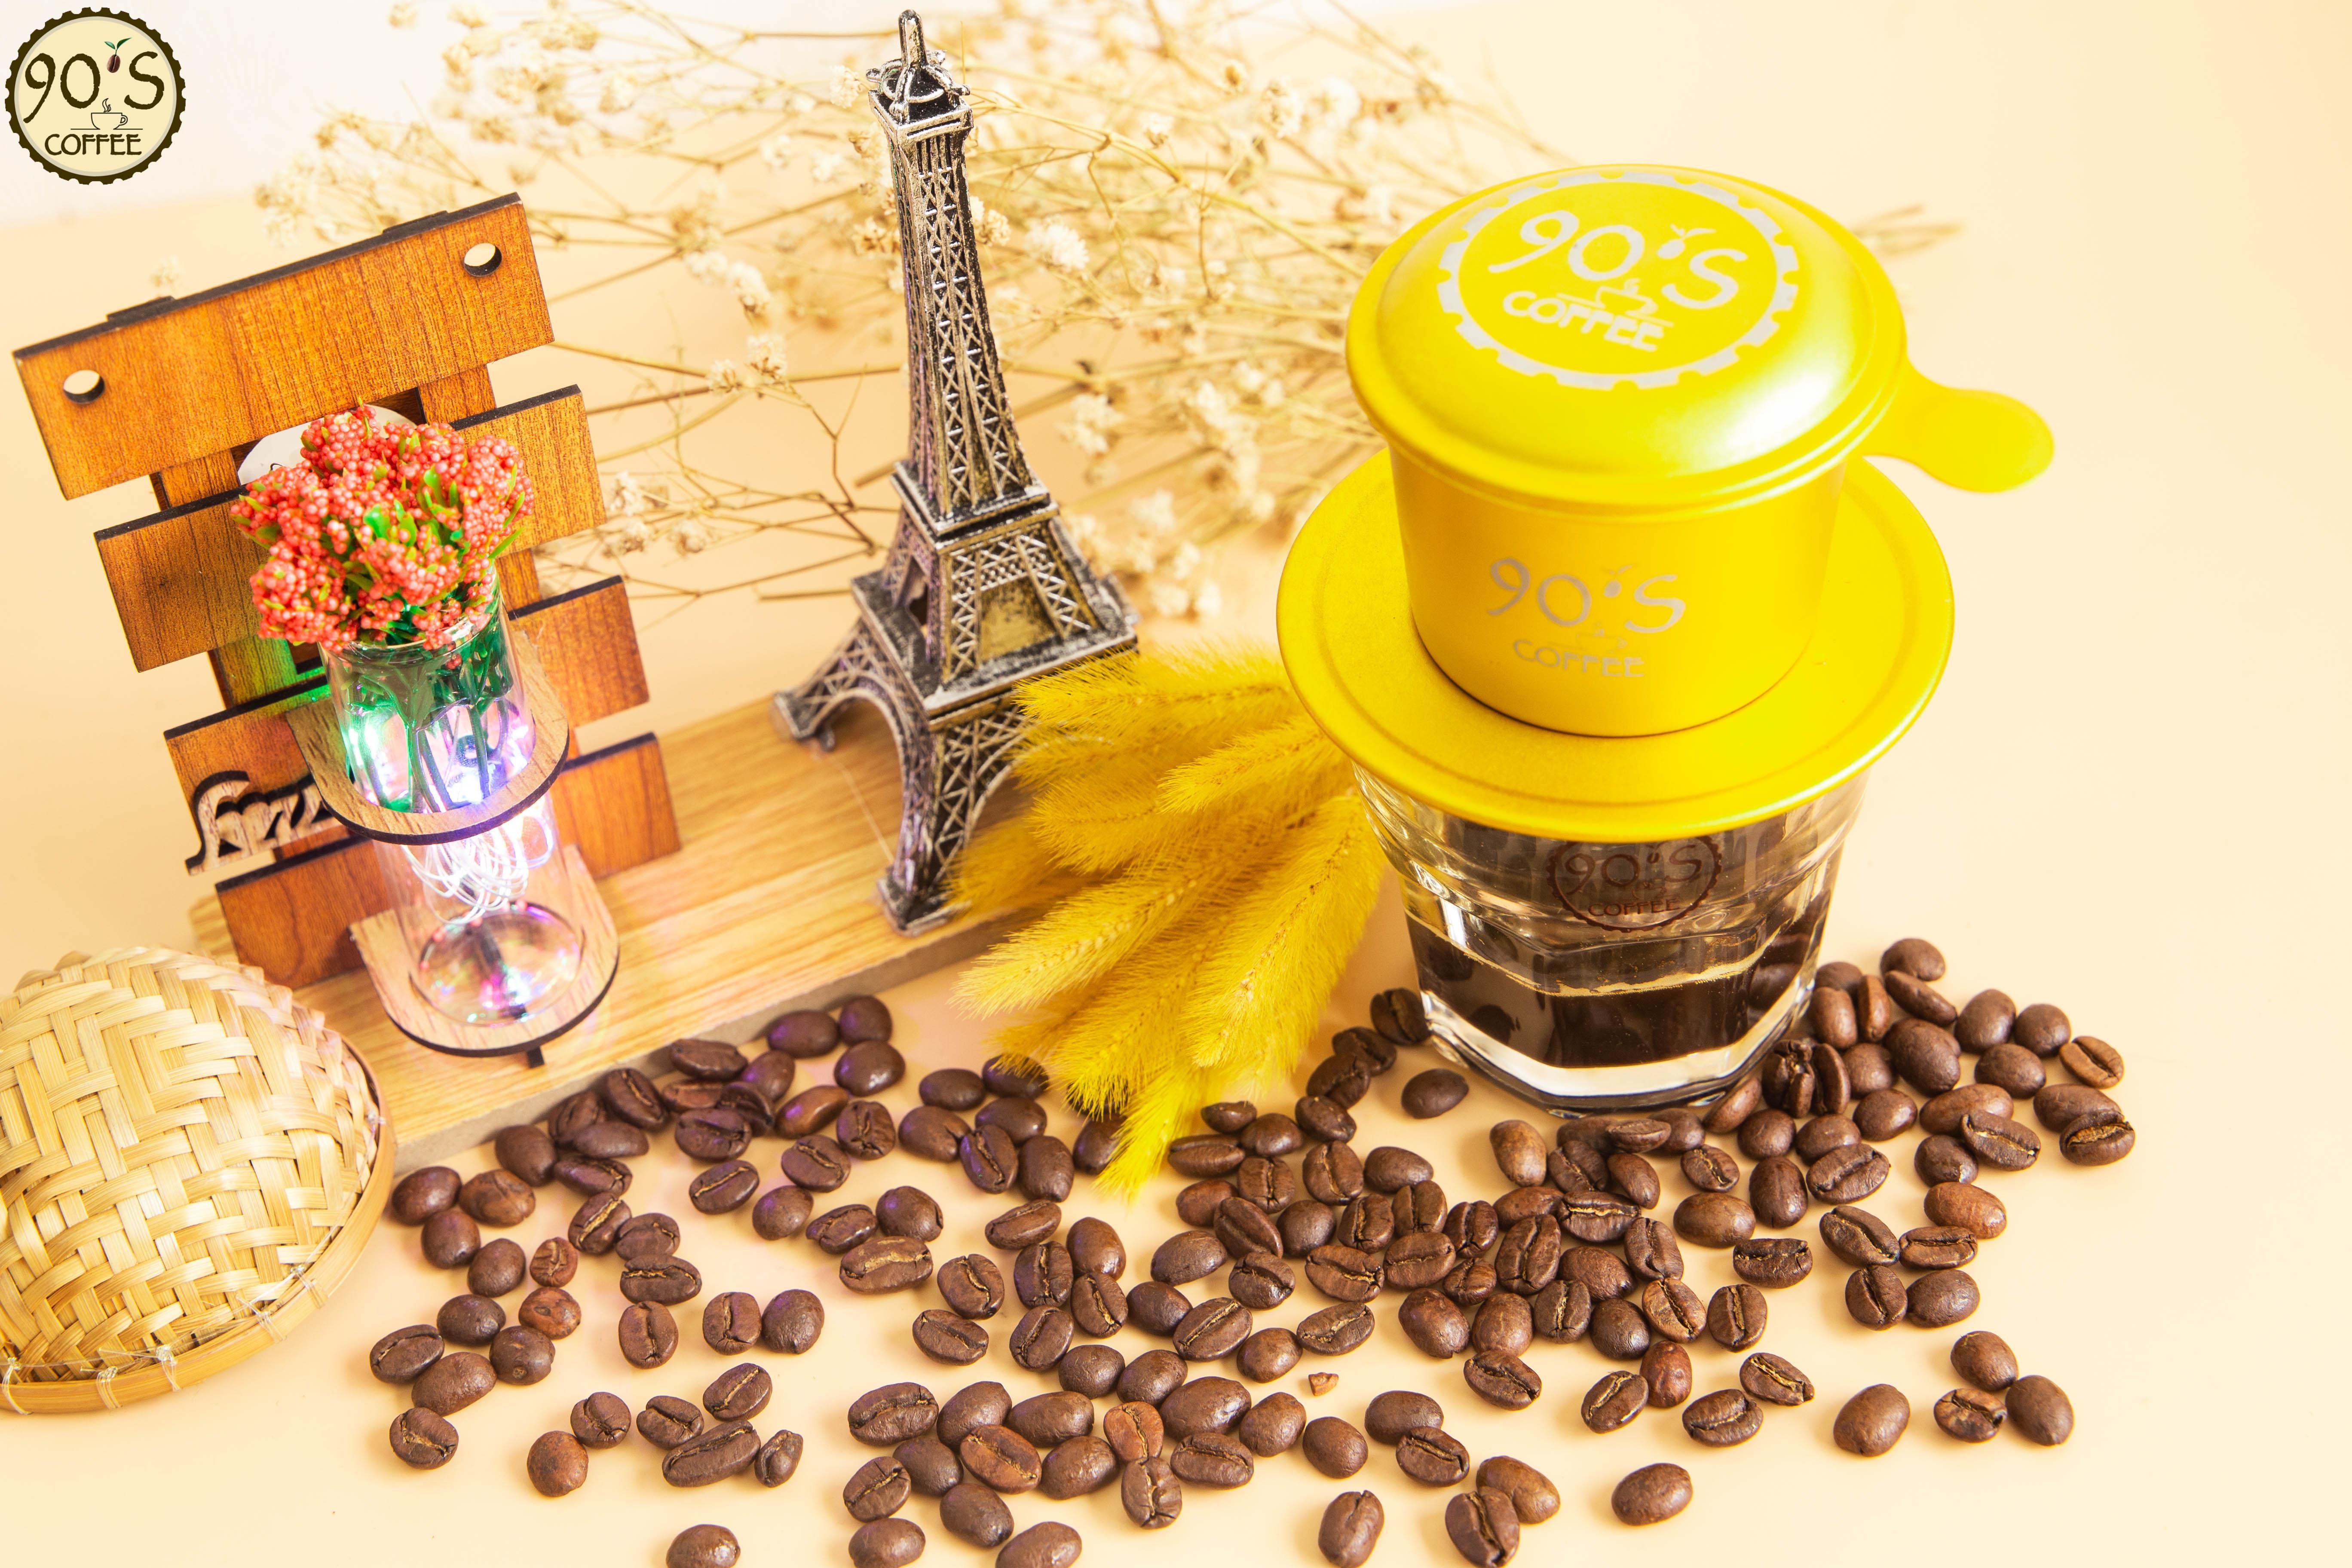 Cafe 90s coffee hạt rang mộc